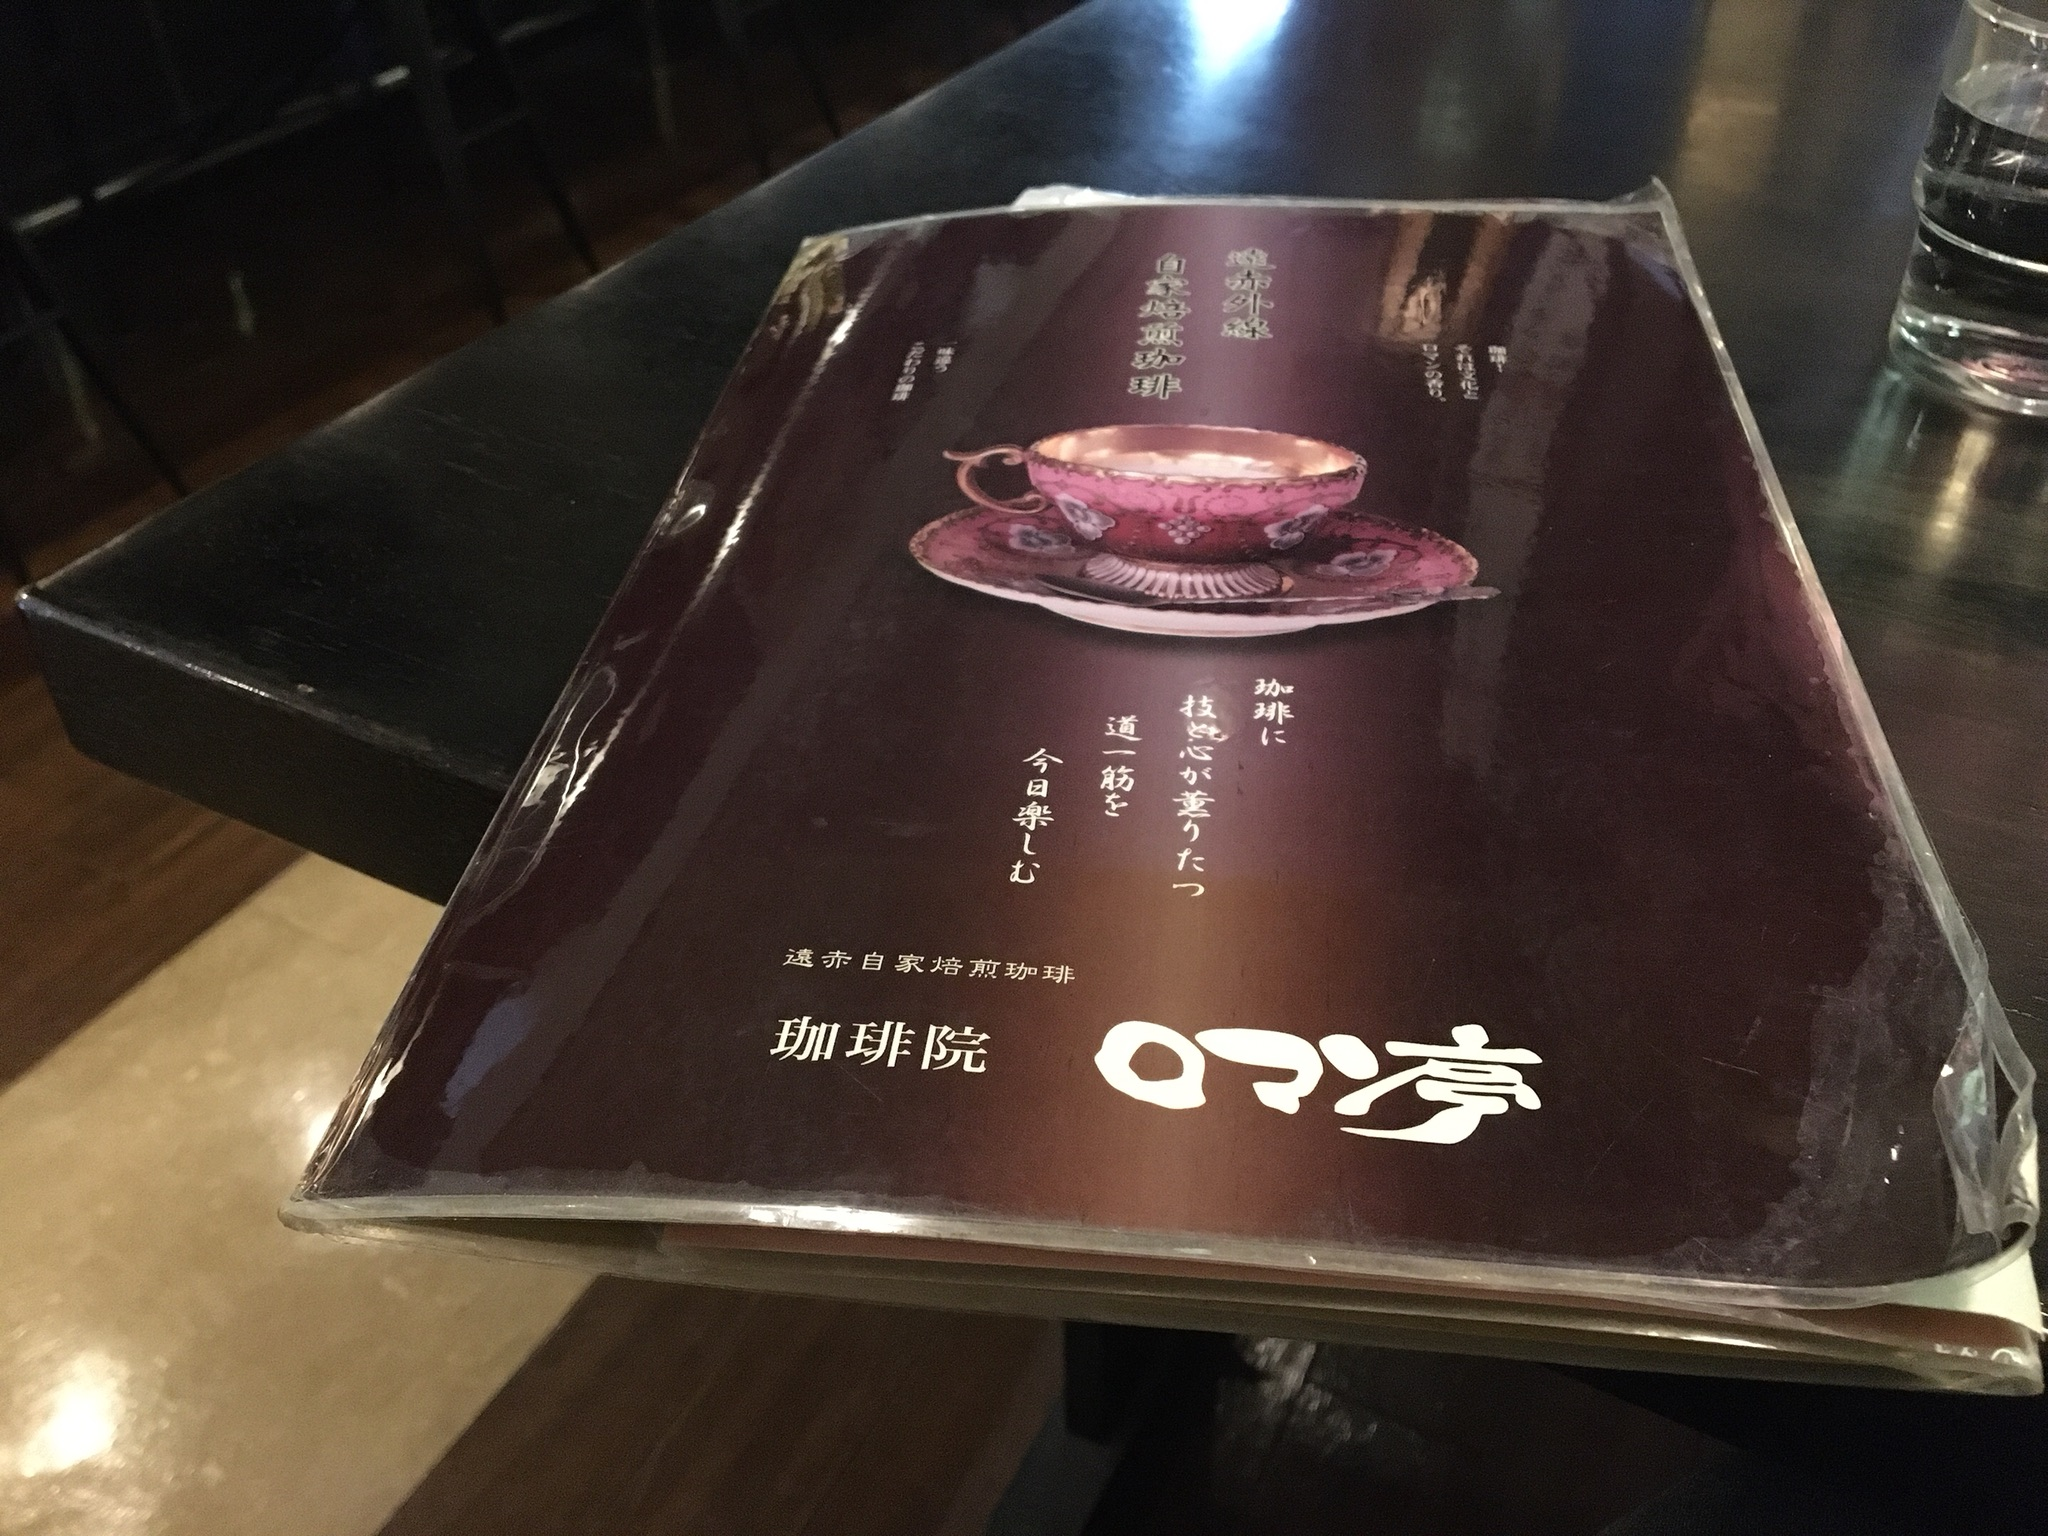 ▲メニューのおもてがわ photo by yuta_nosaka